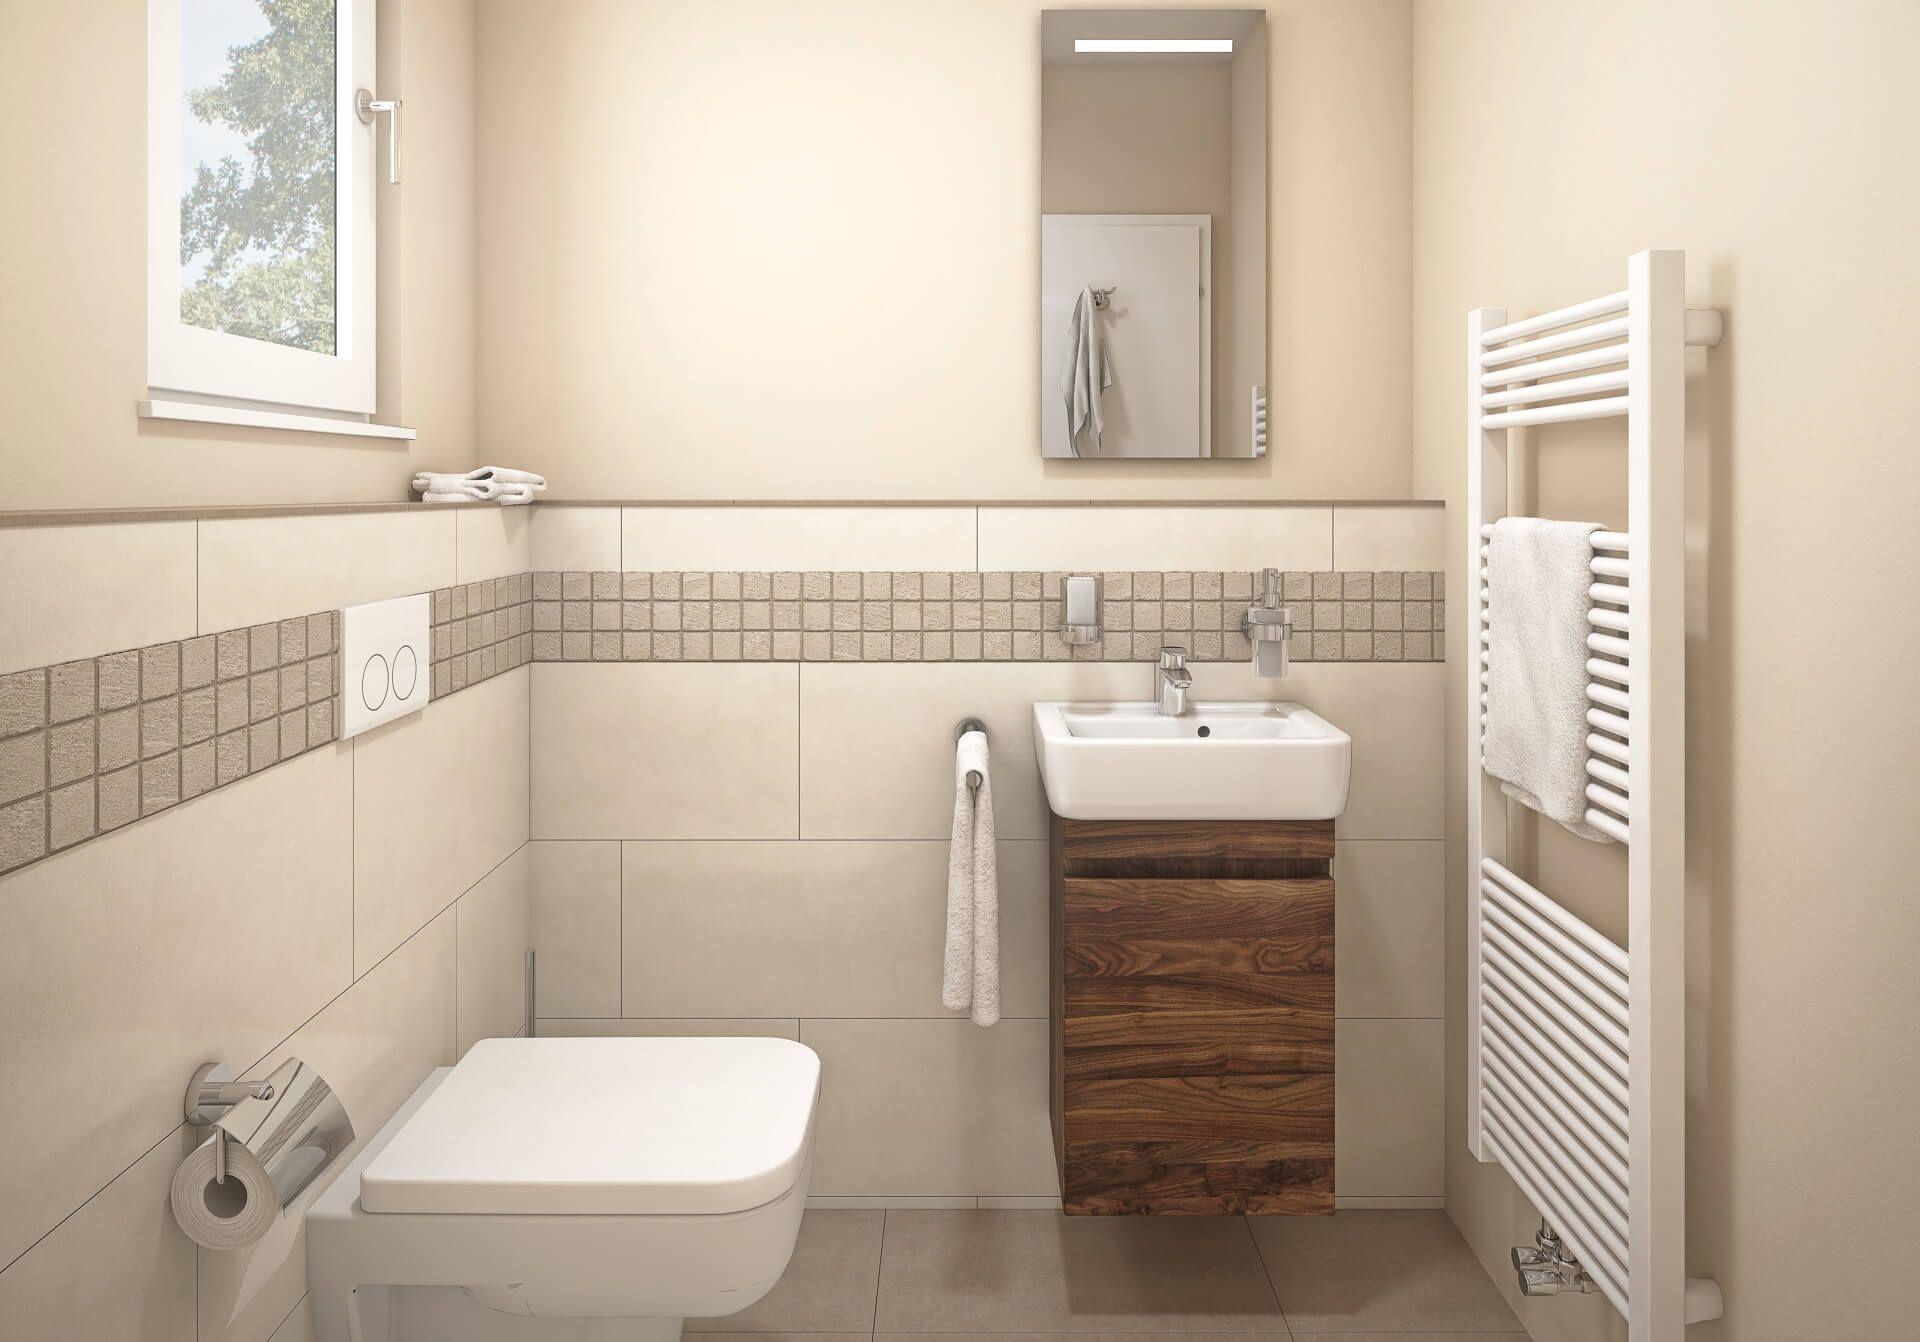 Badplaner Jetzt Badezimmer Planen Mit Obi In 2020 Badezimmer Planen Gaste Wc Badezimmer